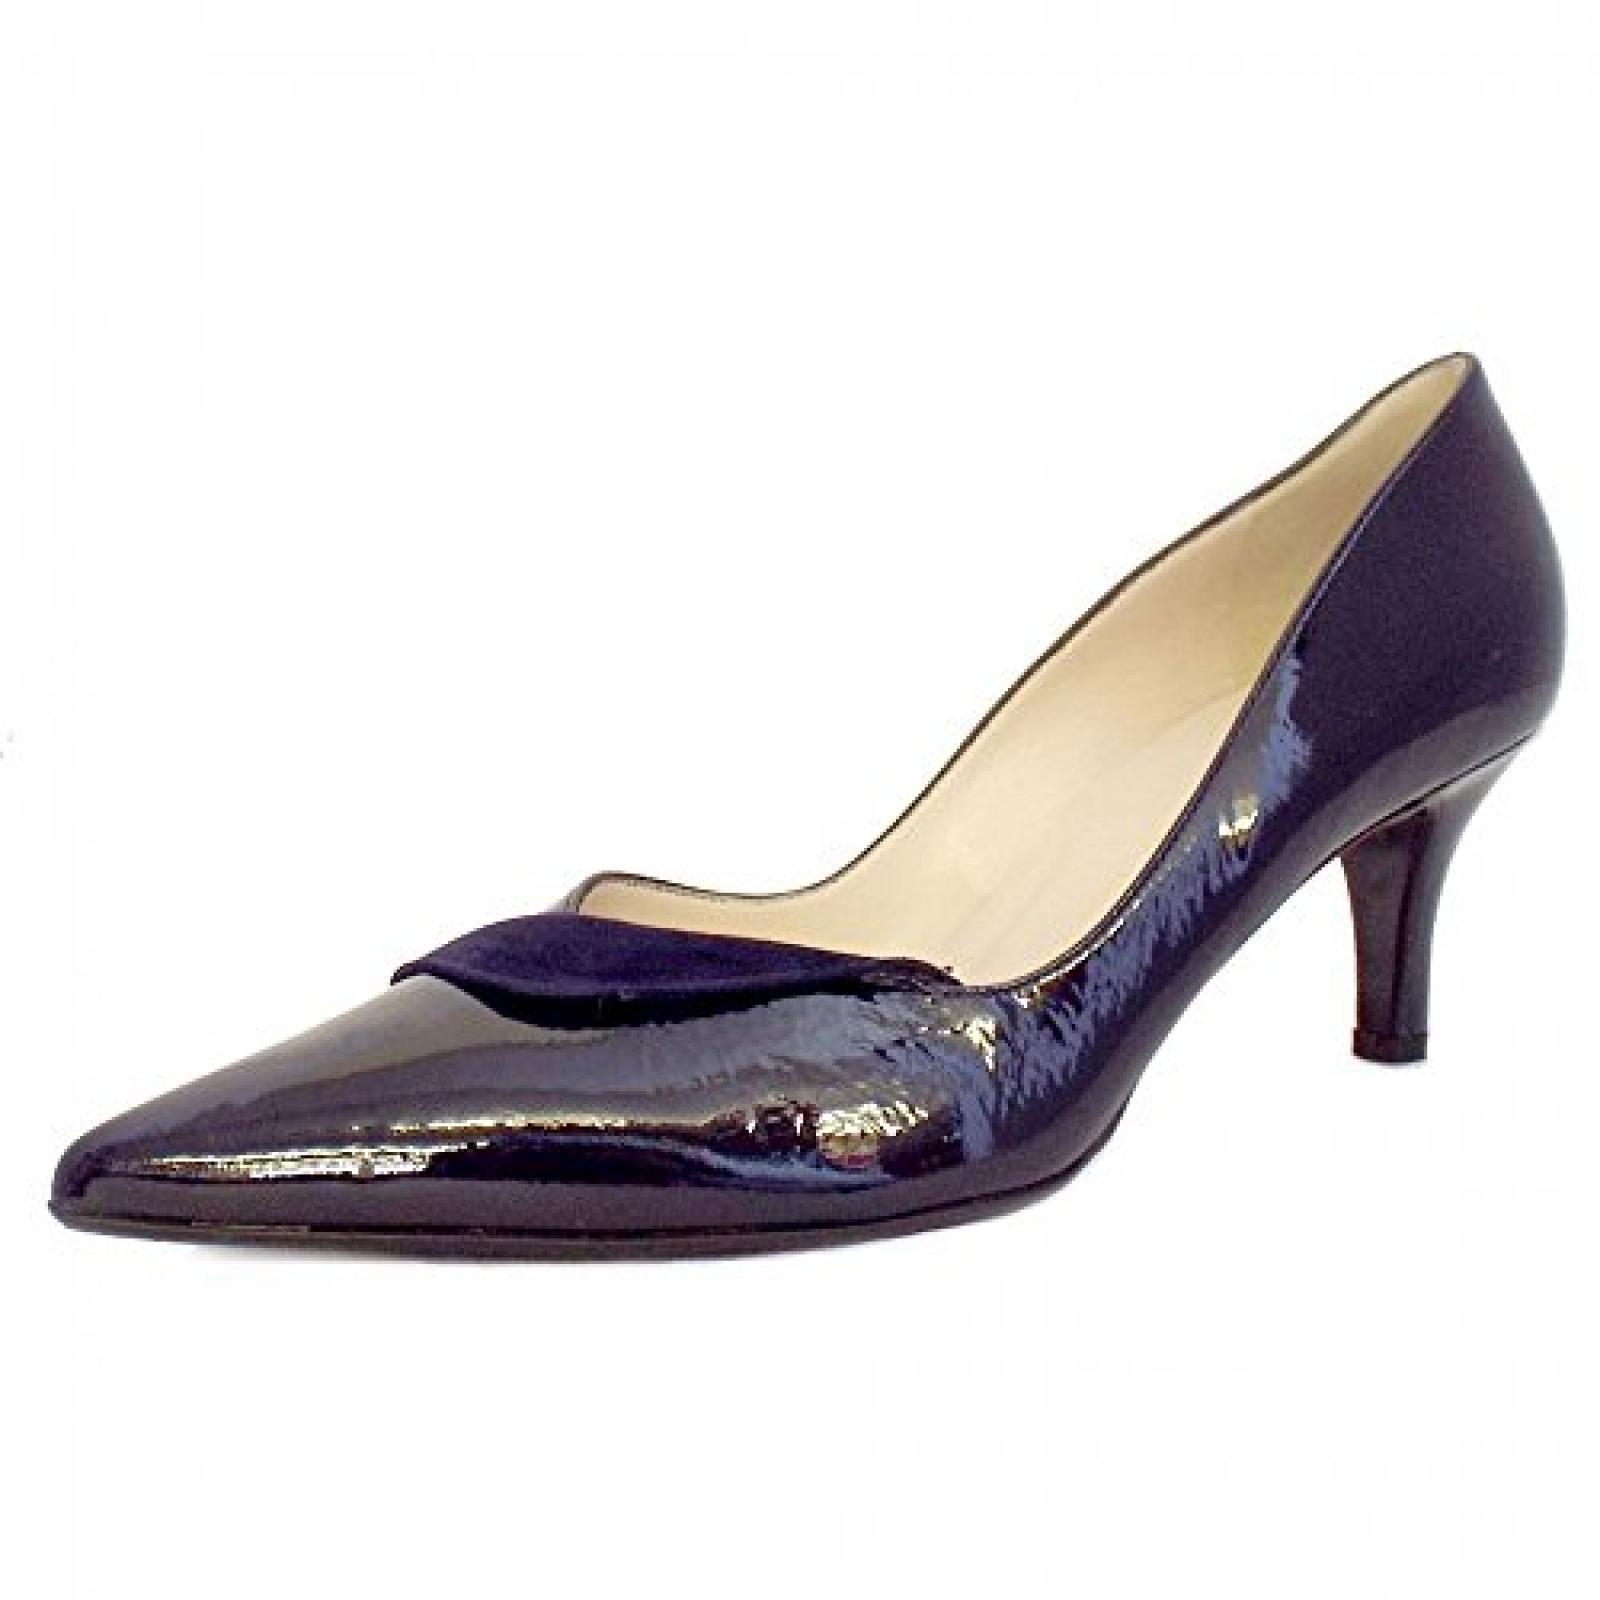 Peter Kaiser Soralia Damen High Heels Schuhe Navy Knistern Patent